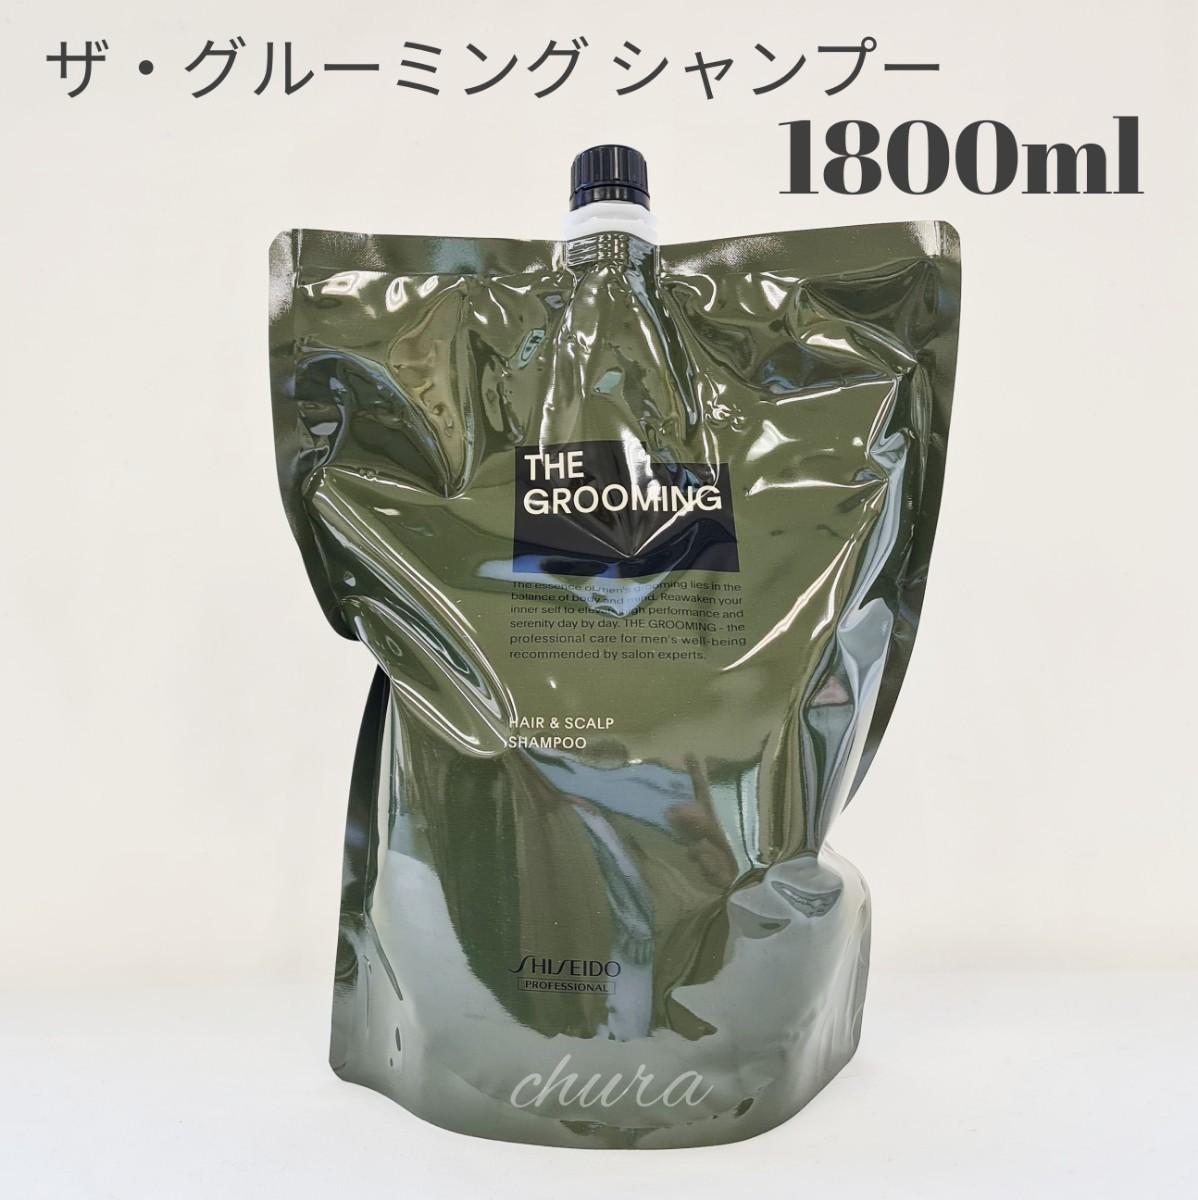 【資生堂】ザ・グルーミング シャンプー 1800ml 詰め替え用